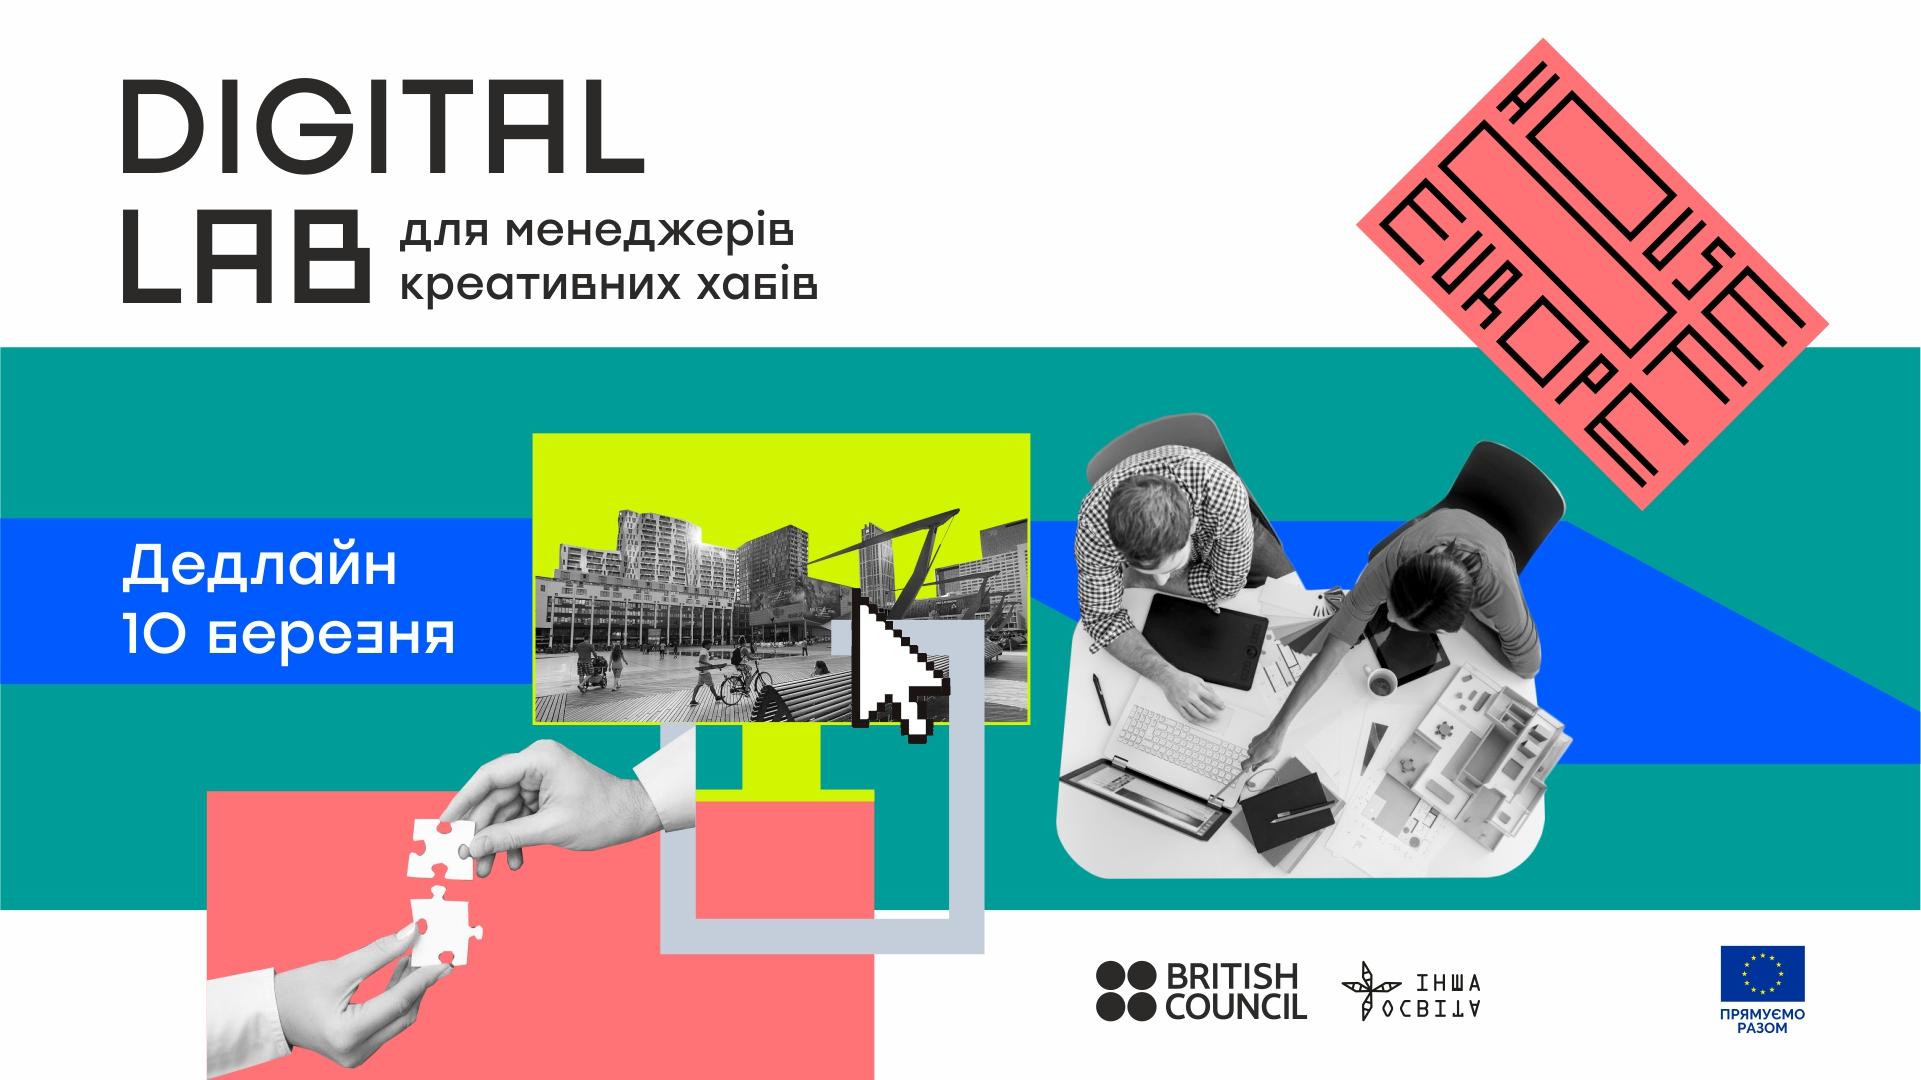 Digital Lab для менеджерів креативних хабів